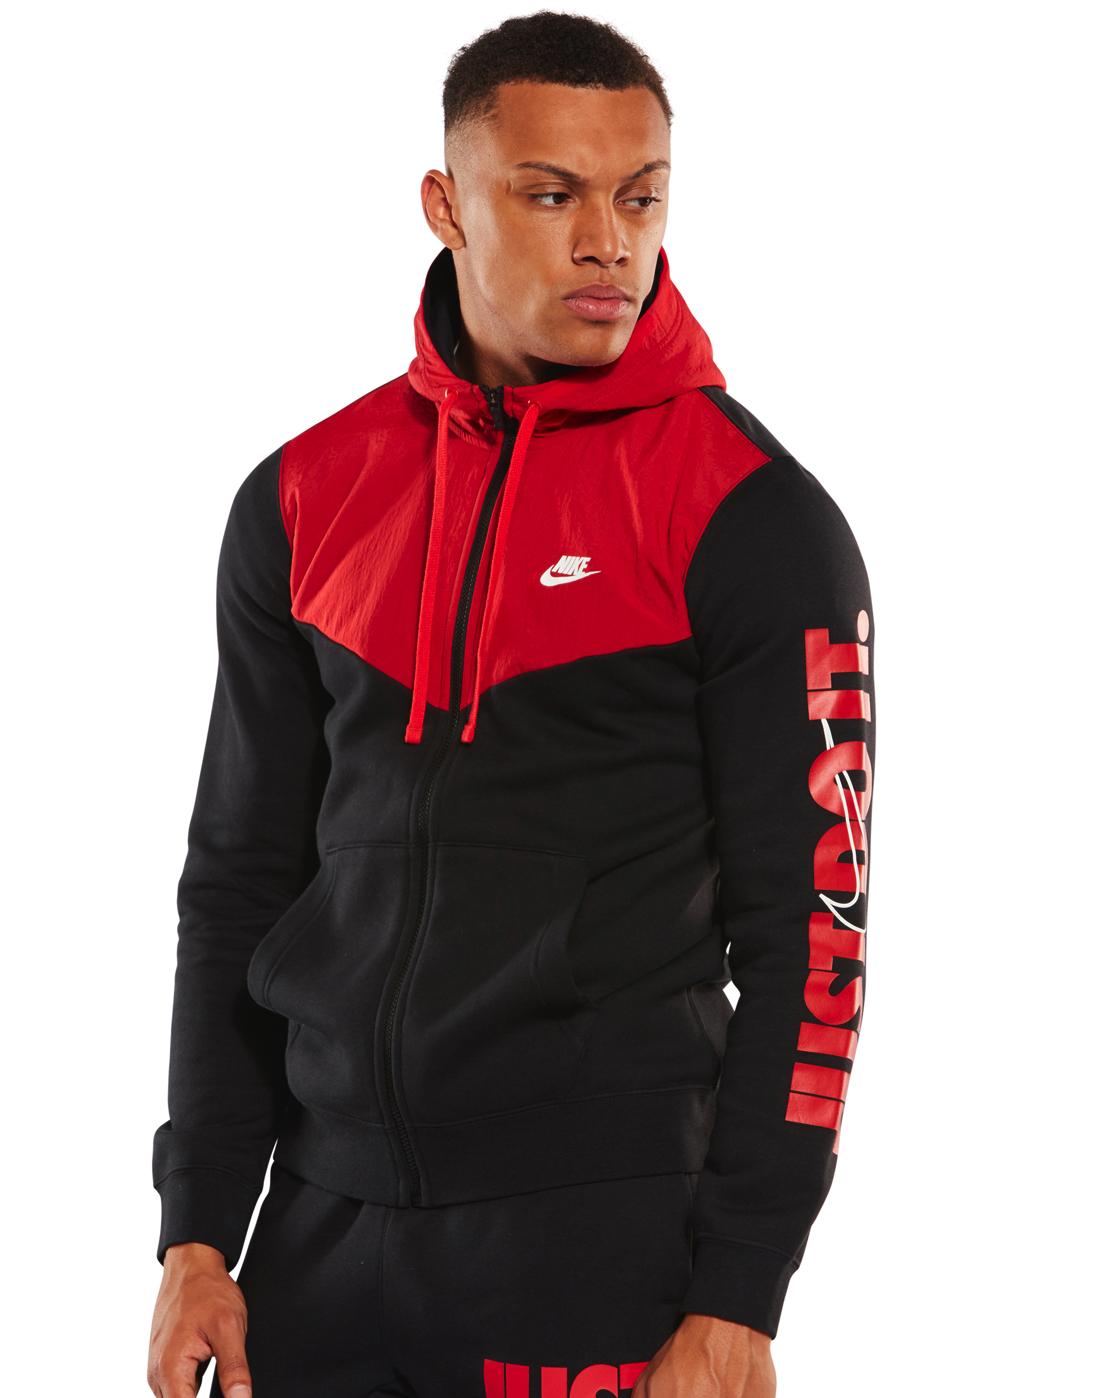 Men's Black & Red Nike Just Do It Full Zip Hoodie | Life ...